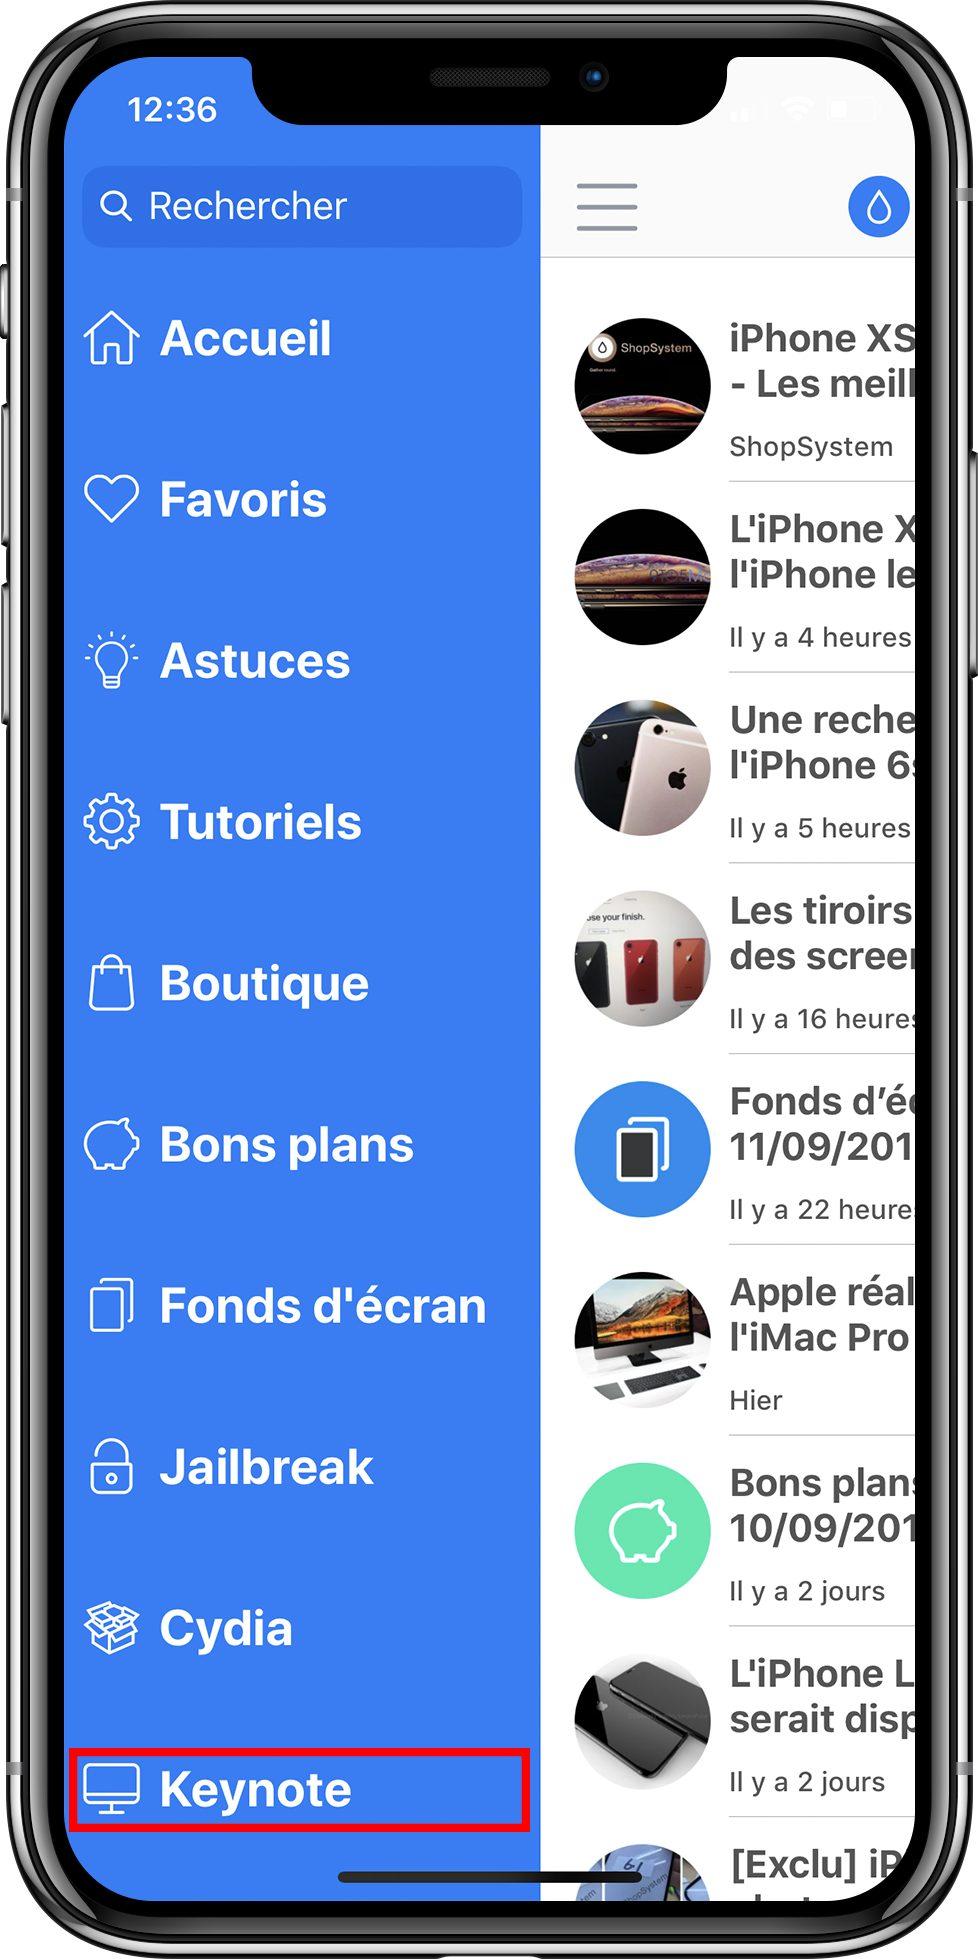 iPhone X AppSystem Le Live Keynote iPhone Xs/Xr est à suivre dès 18h30 sur AppSystem